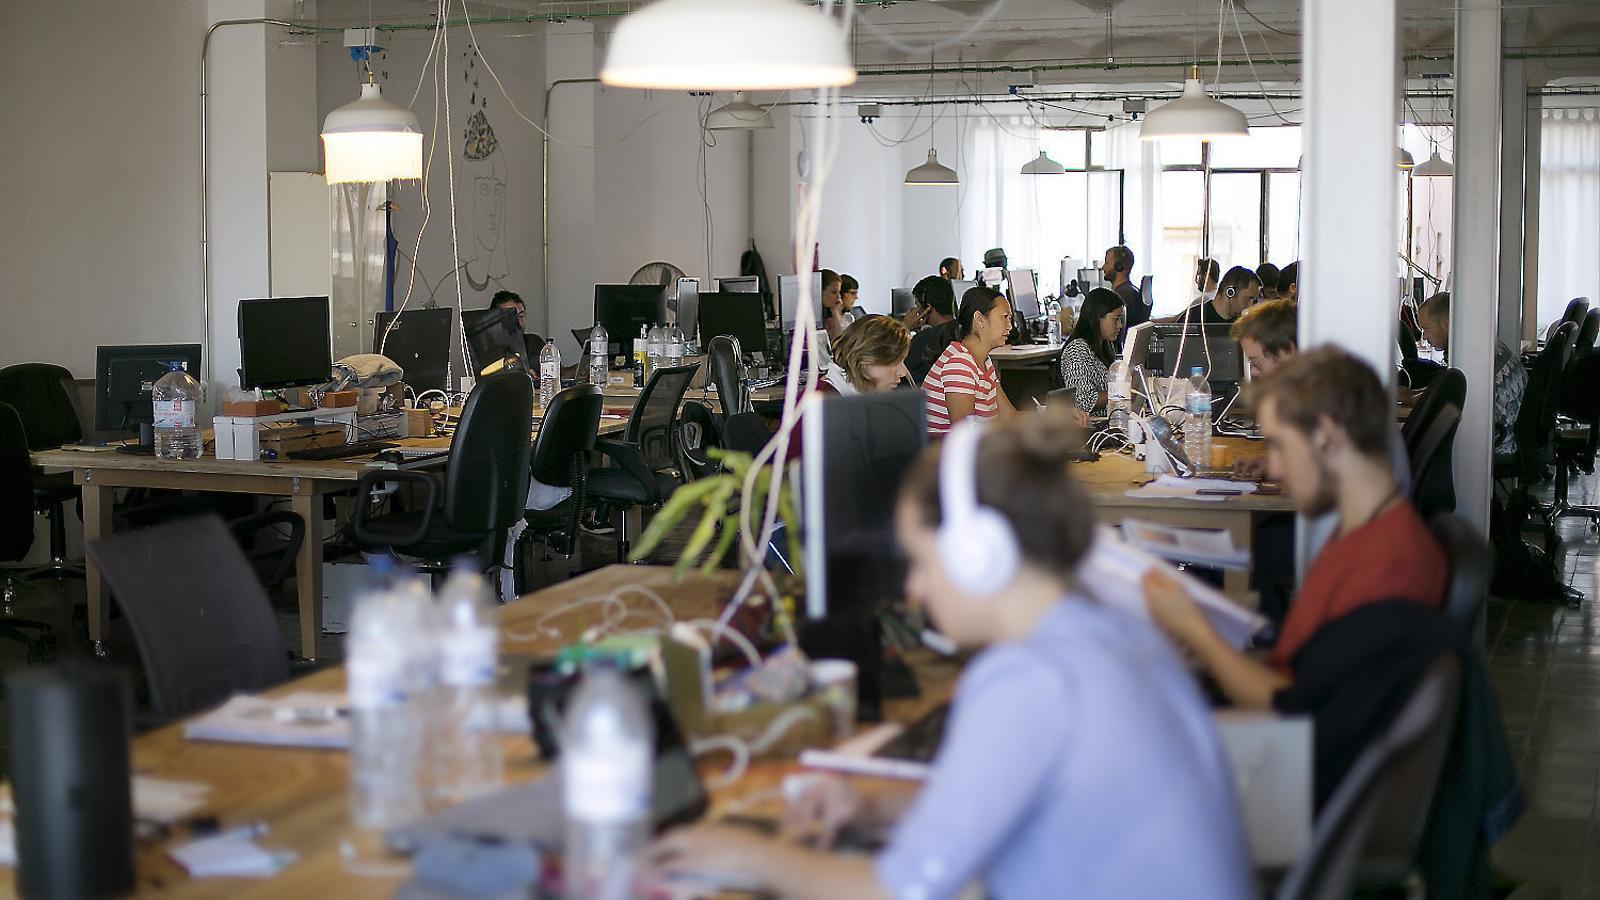 El 'coworking'  ja no és només territori 'hipster'